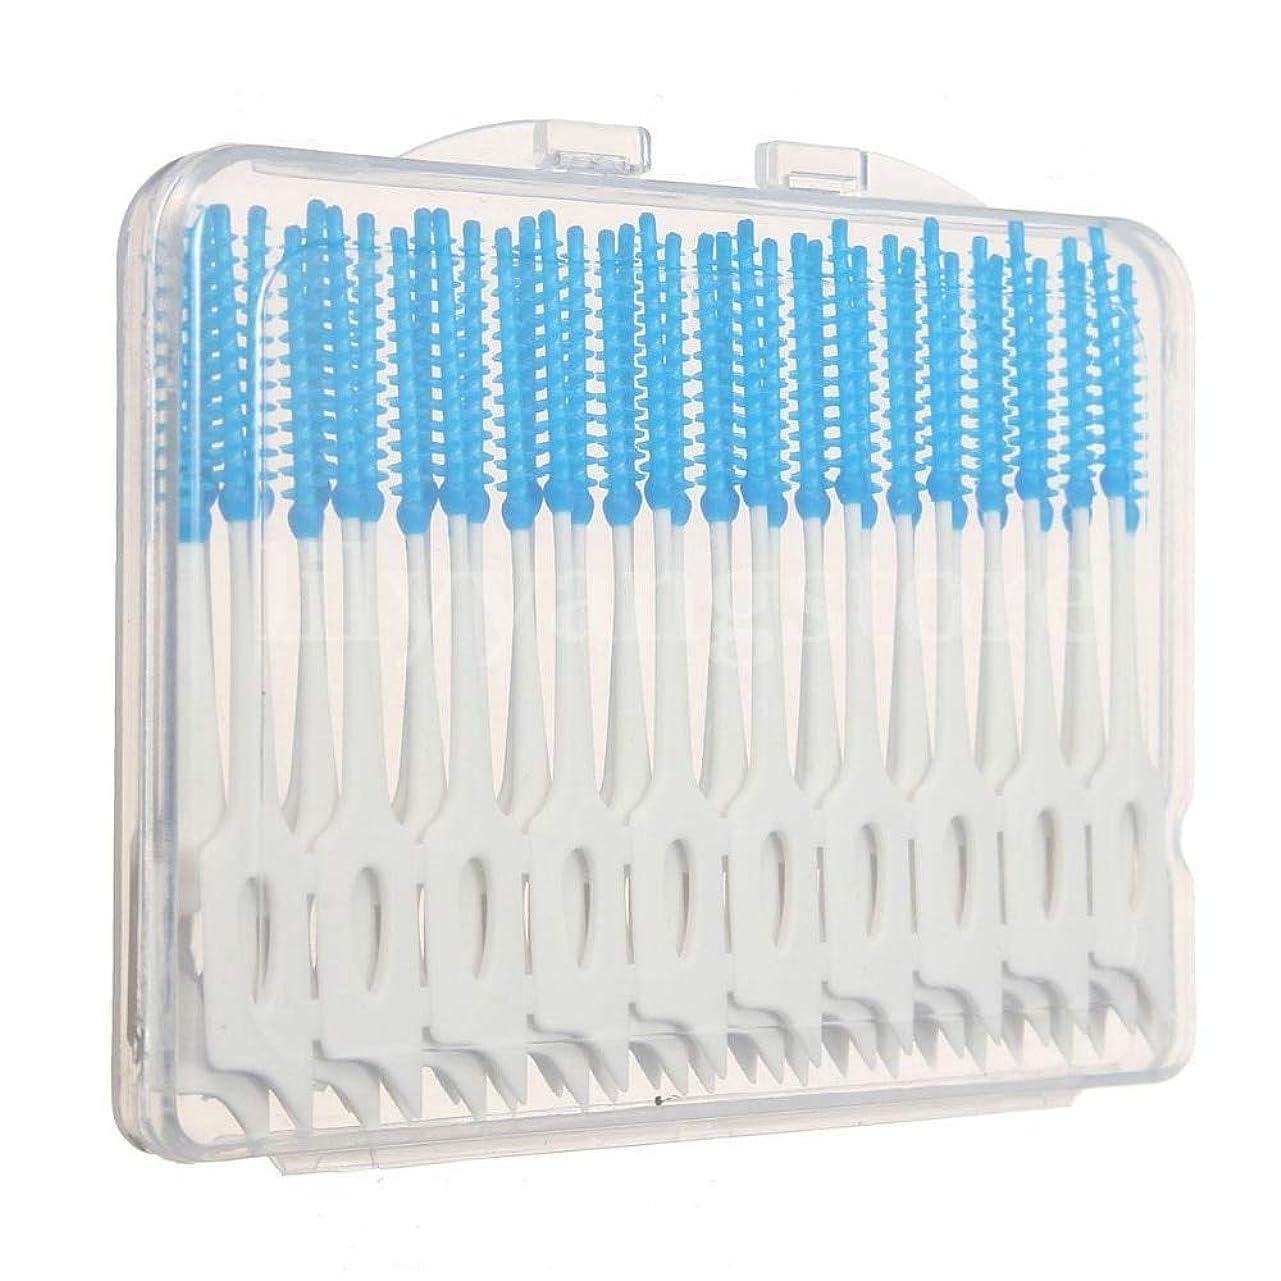 蓄積する名前緩むMaxcrestas - 便利な40個歯間フロスブラシ歯科歯オーラルケアクリーンクリーニングツール